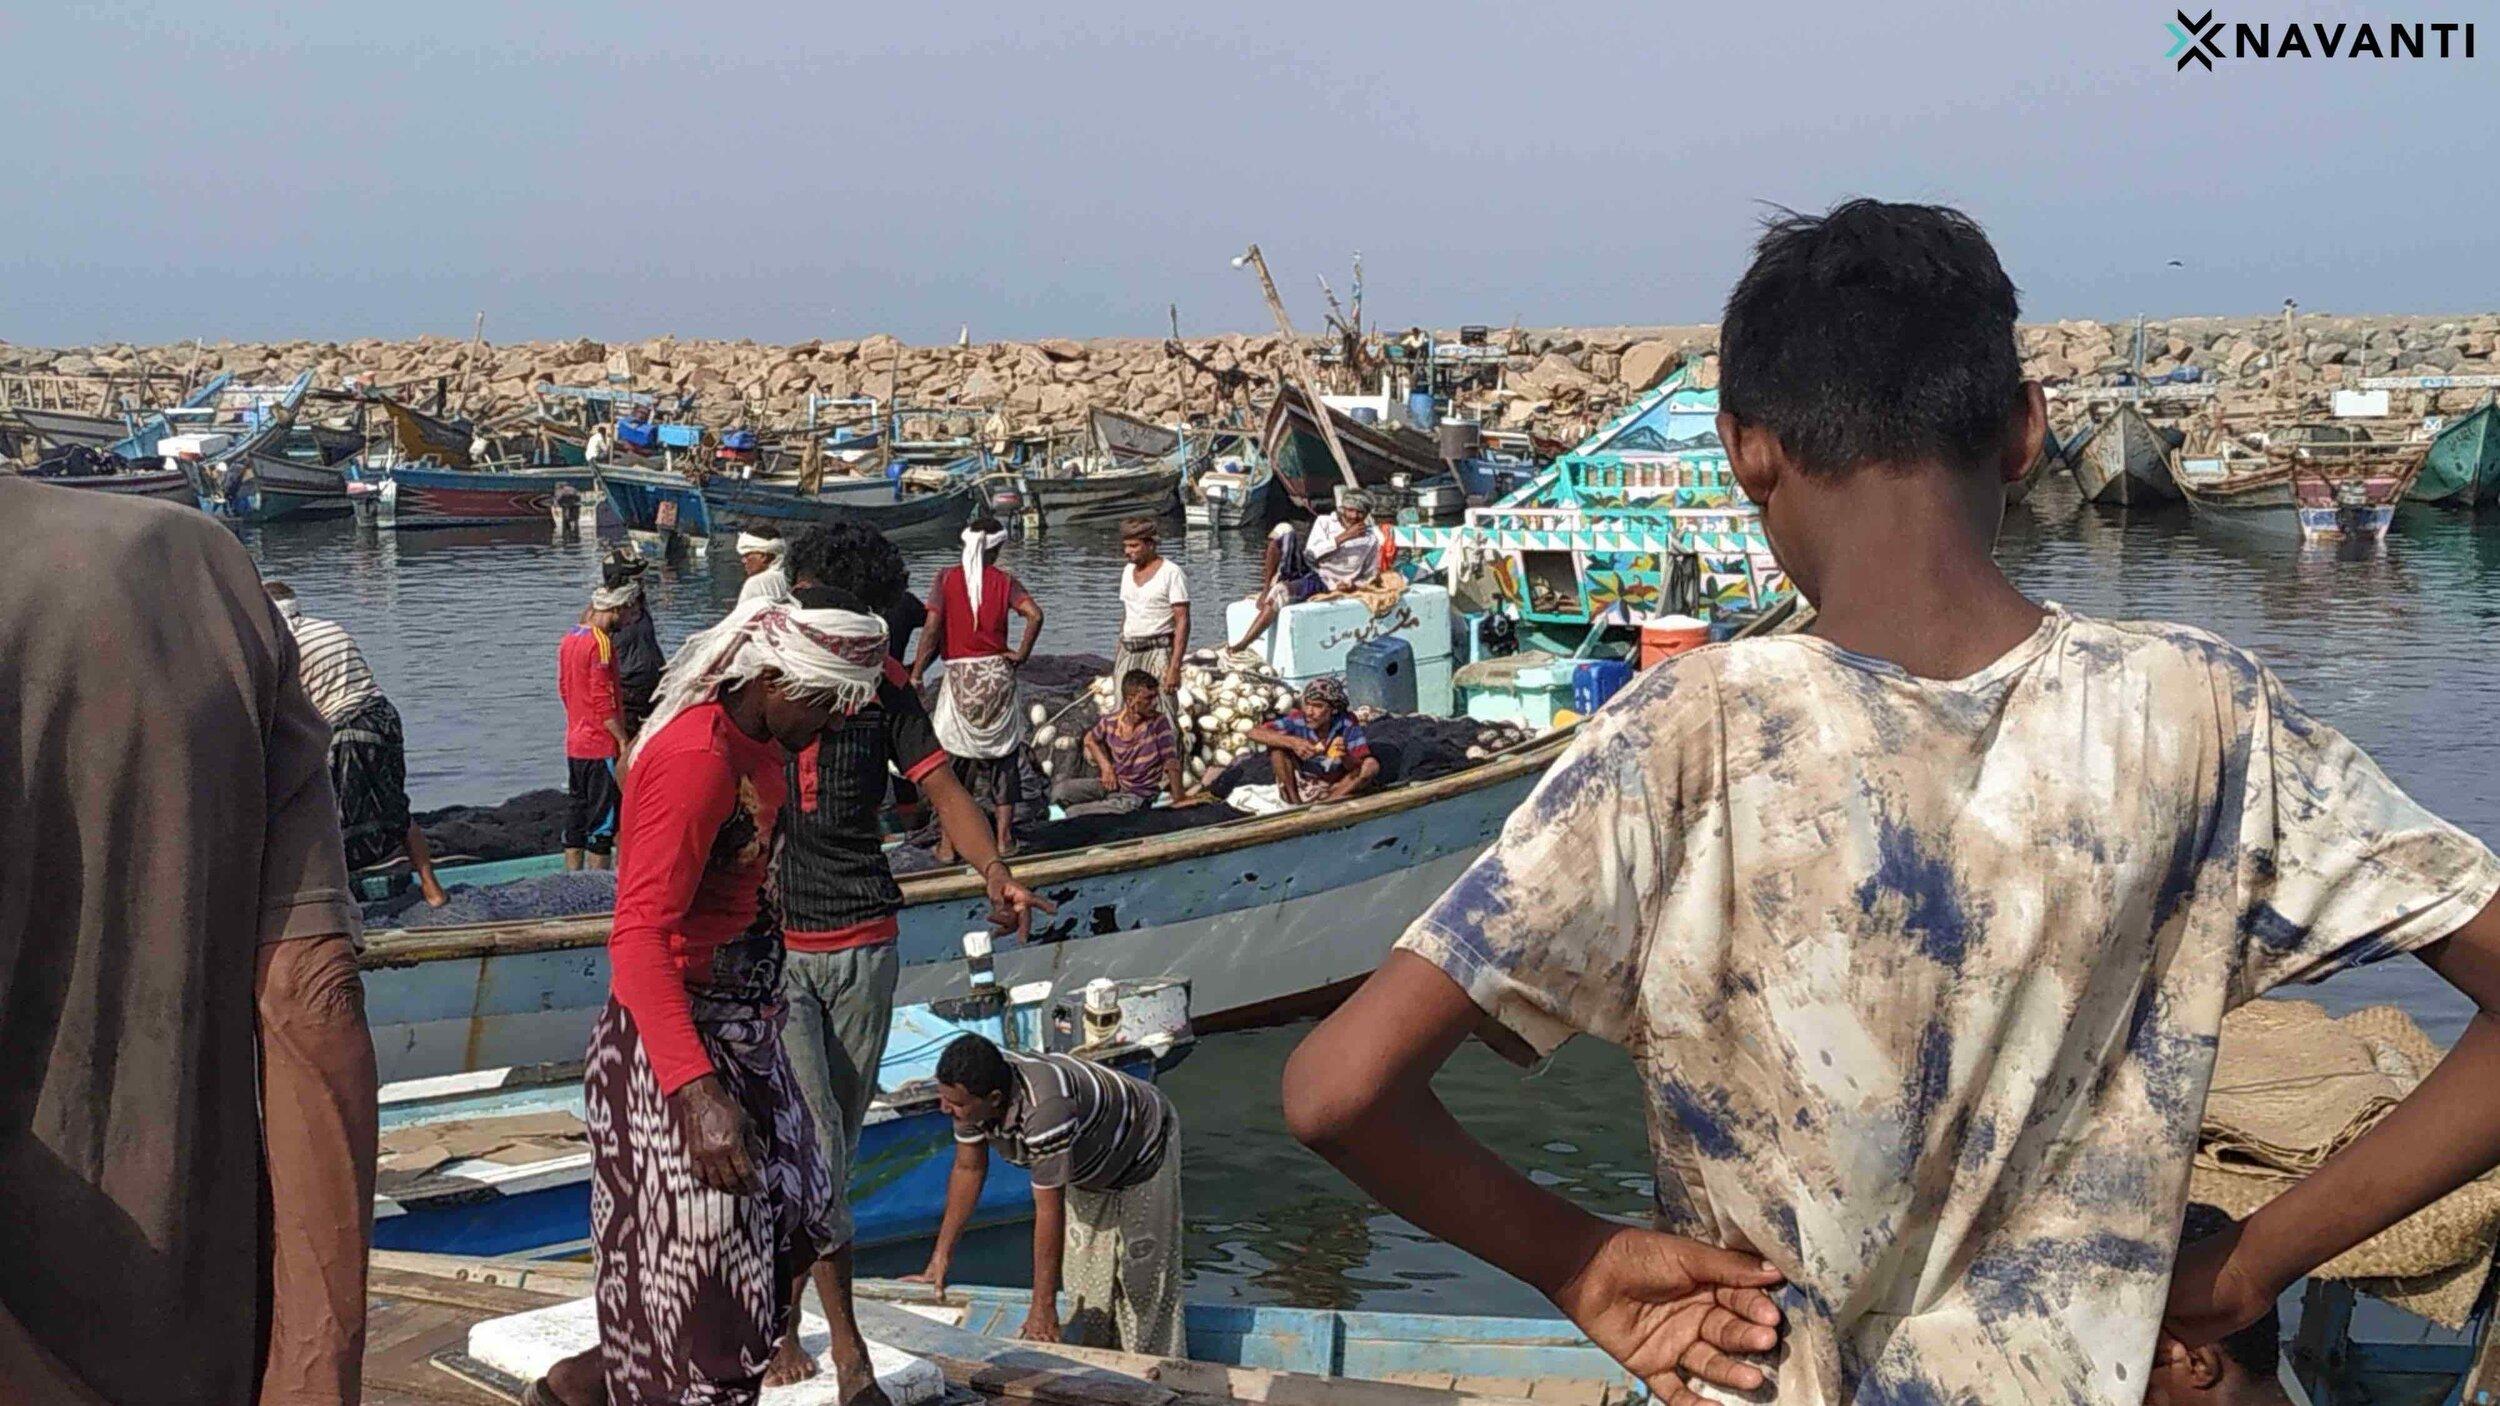 Fishermen in Al-Hudaydah Governorate, Yemen. Source: Navanti